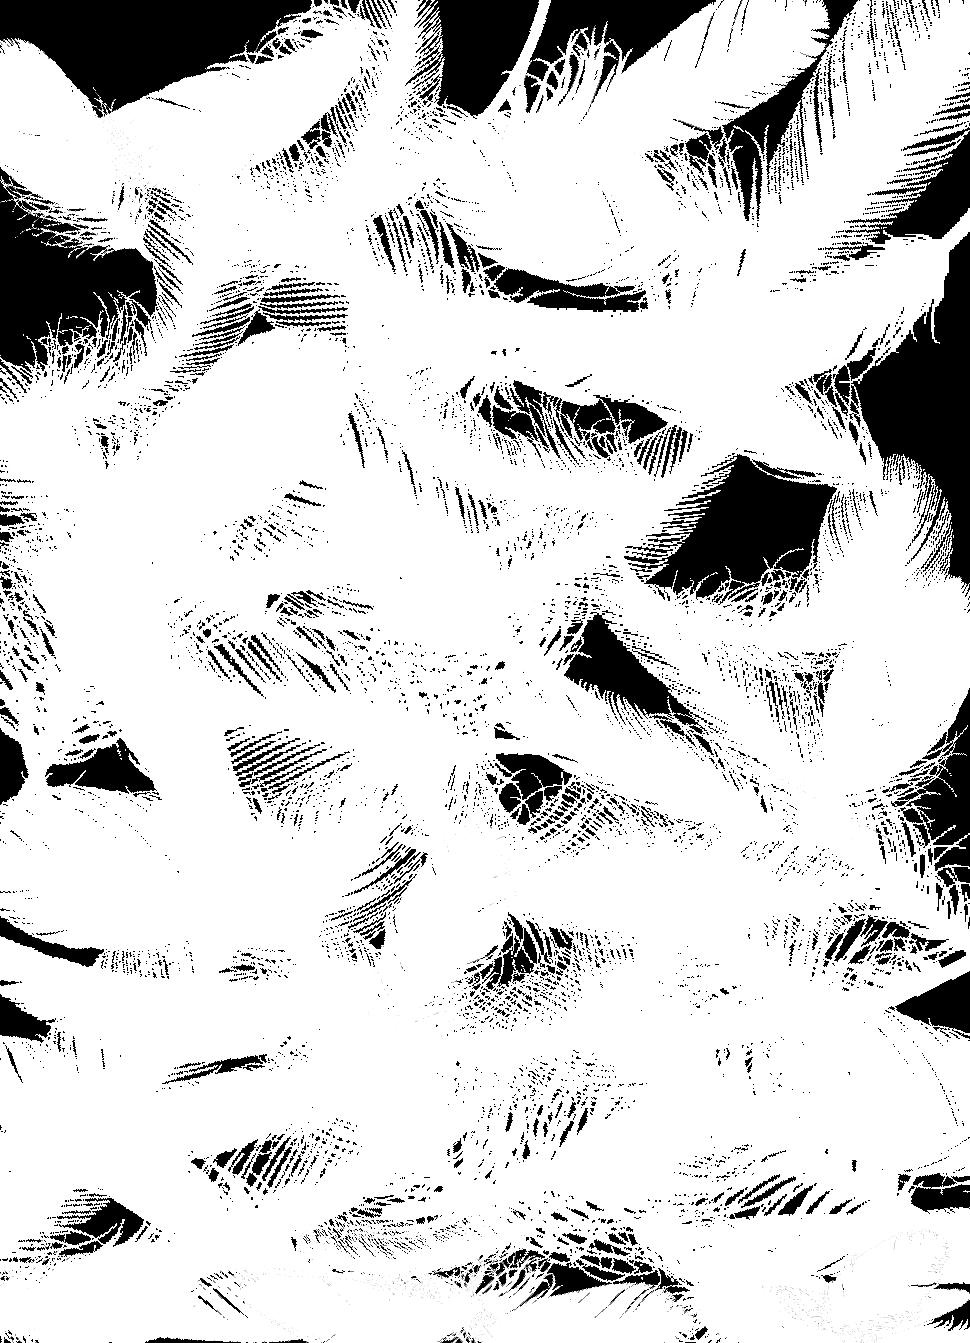 ヴァンモアフッター4